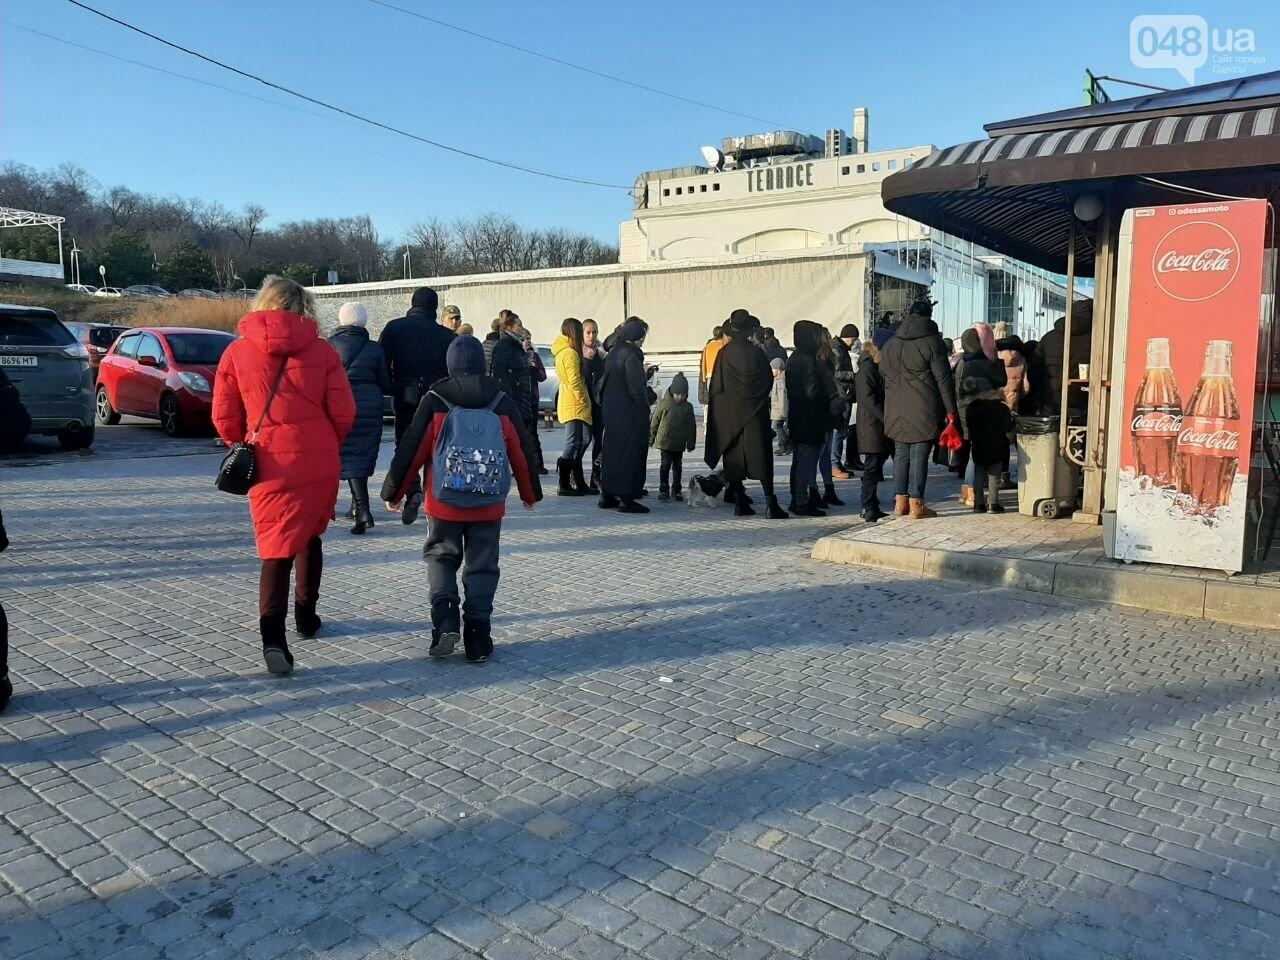 Локдаун не для всех: В Одессе работает дельфинарий, - ФОТО, фото-2